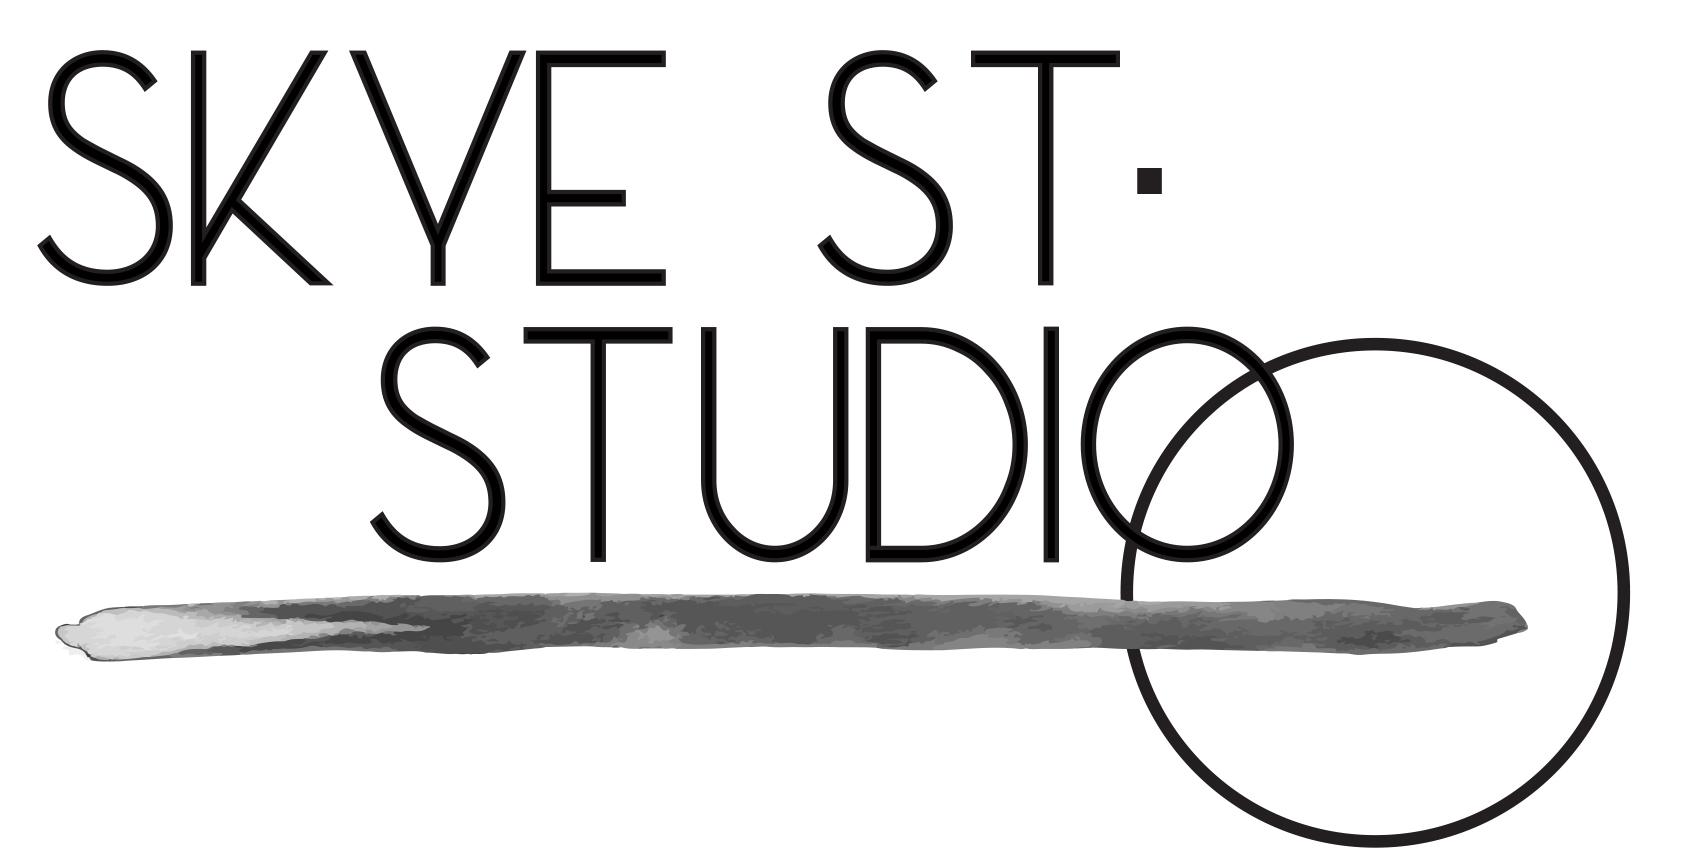 Skye Street Studio